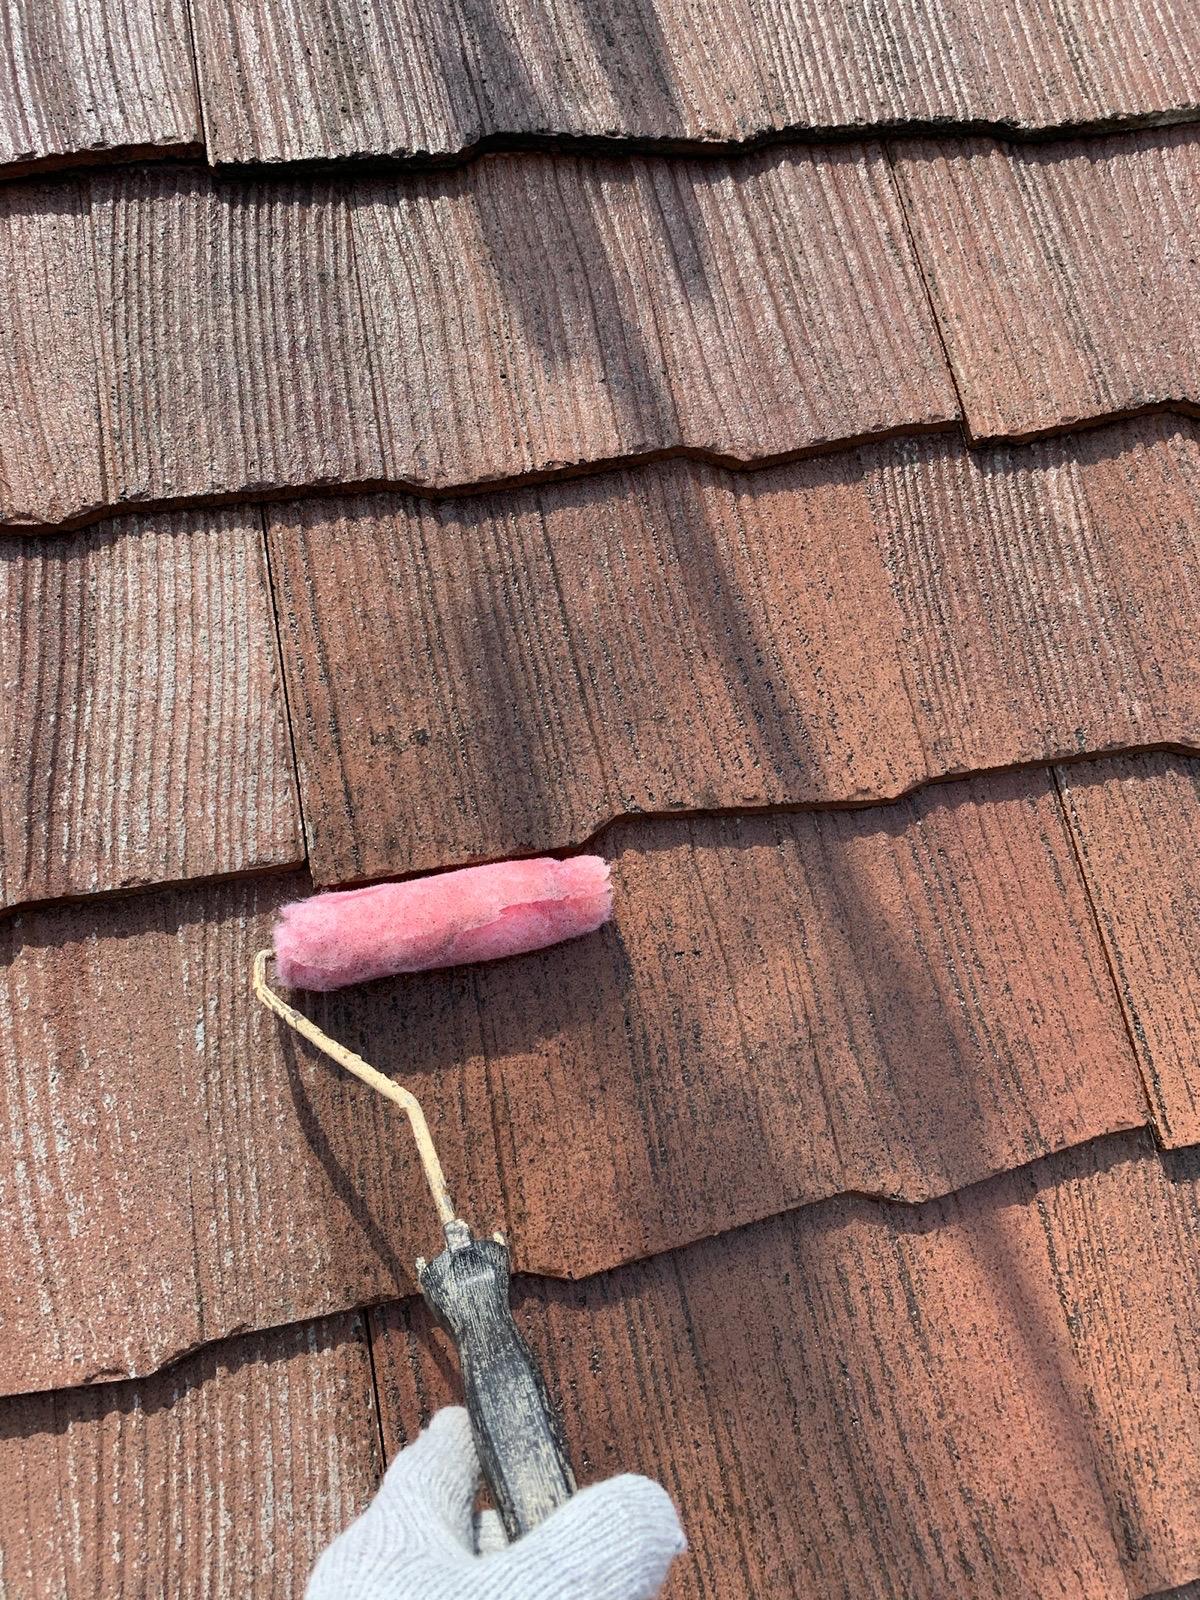 屋根プライマー処理